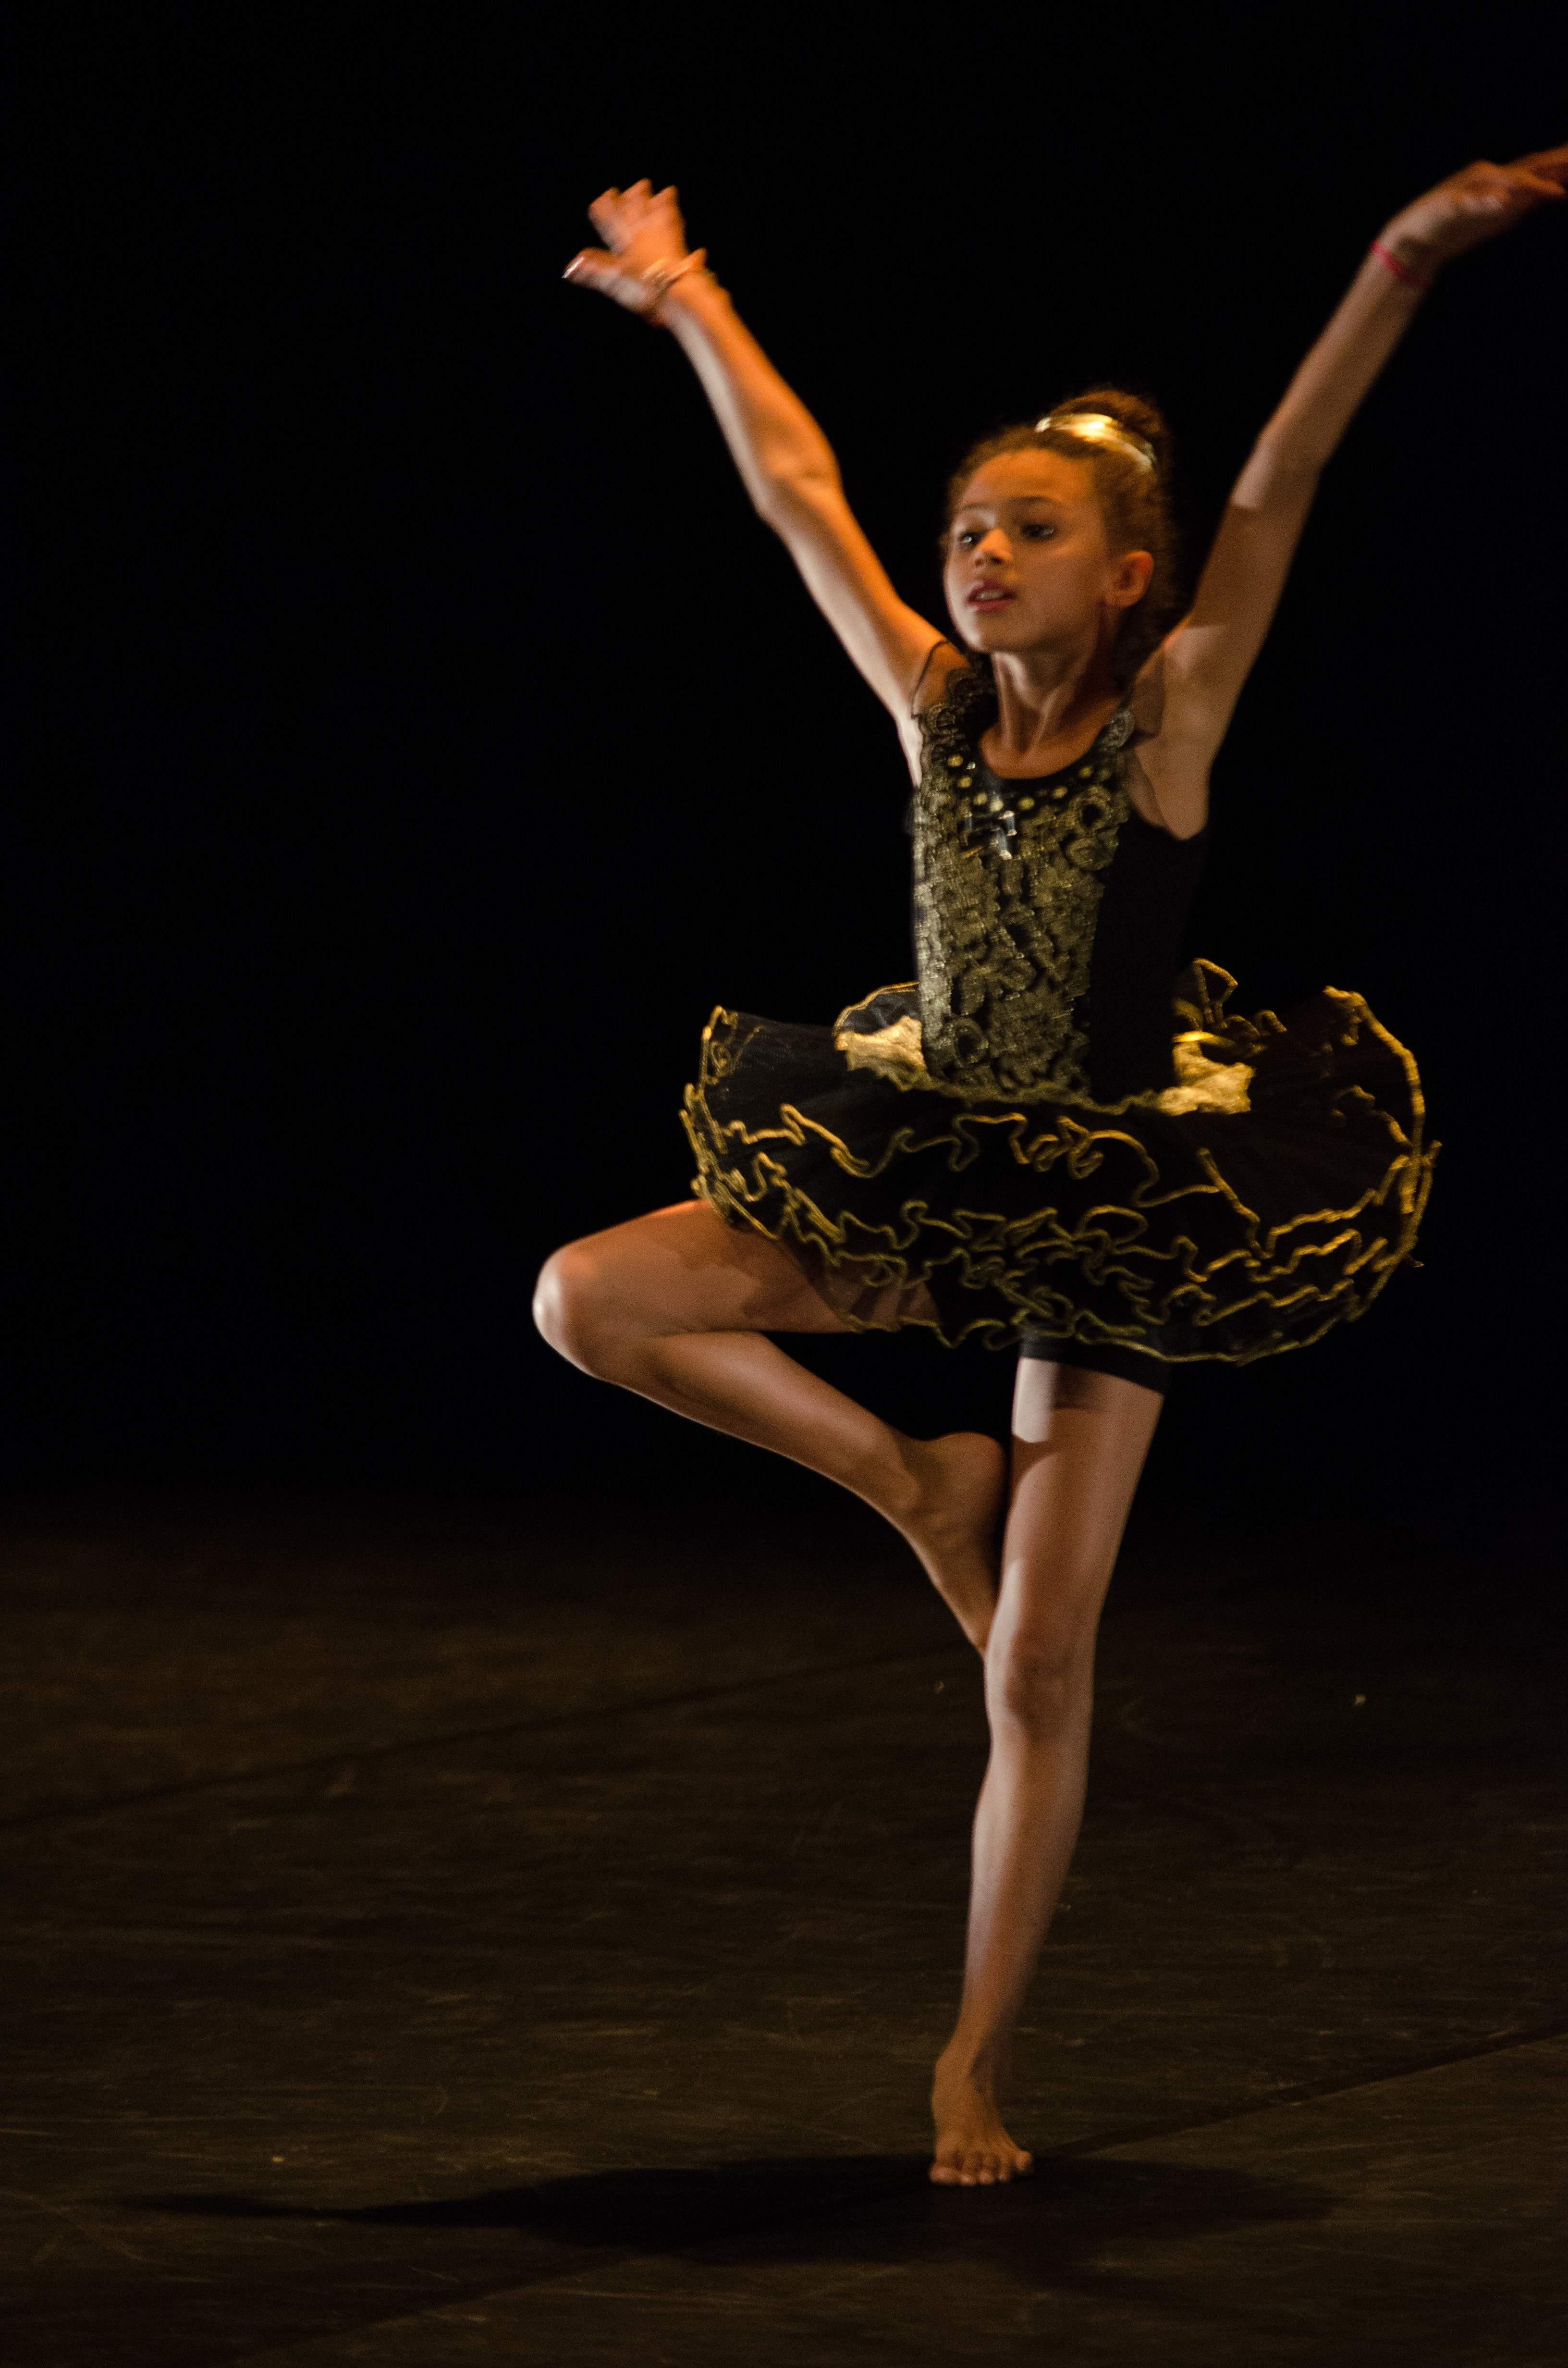 Ecole de danse D12 - Cours de danse Classique pour enfant.